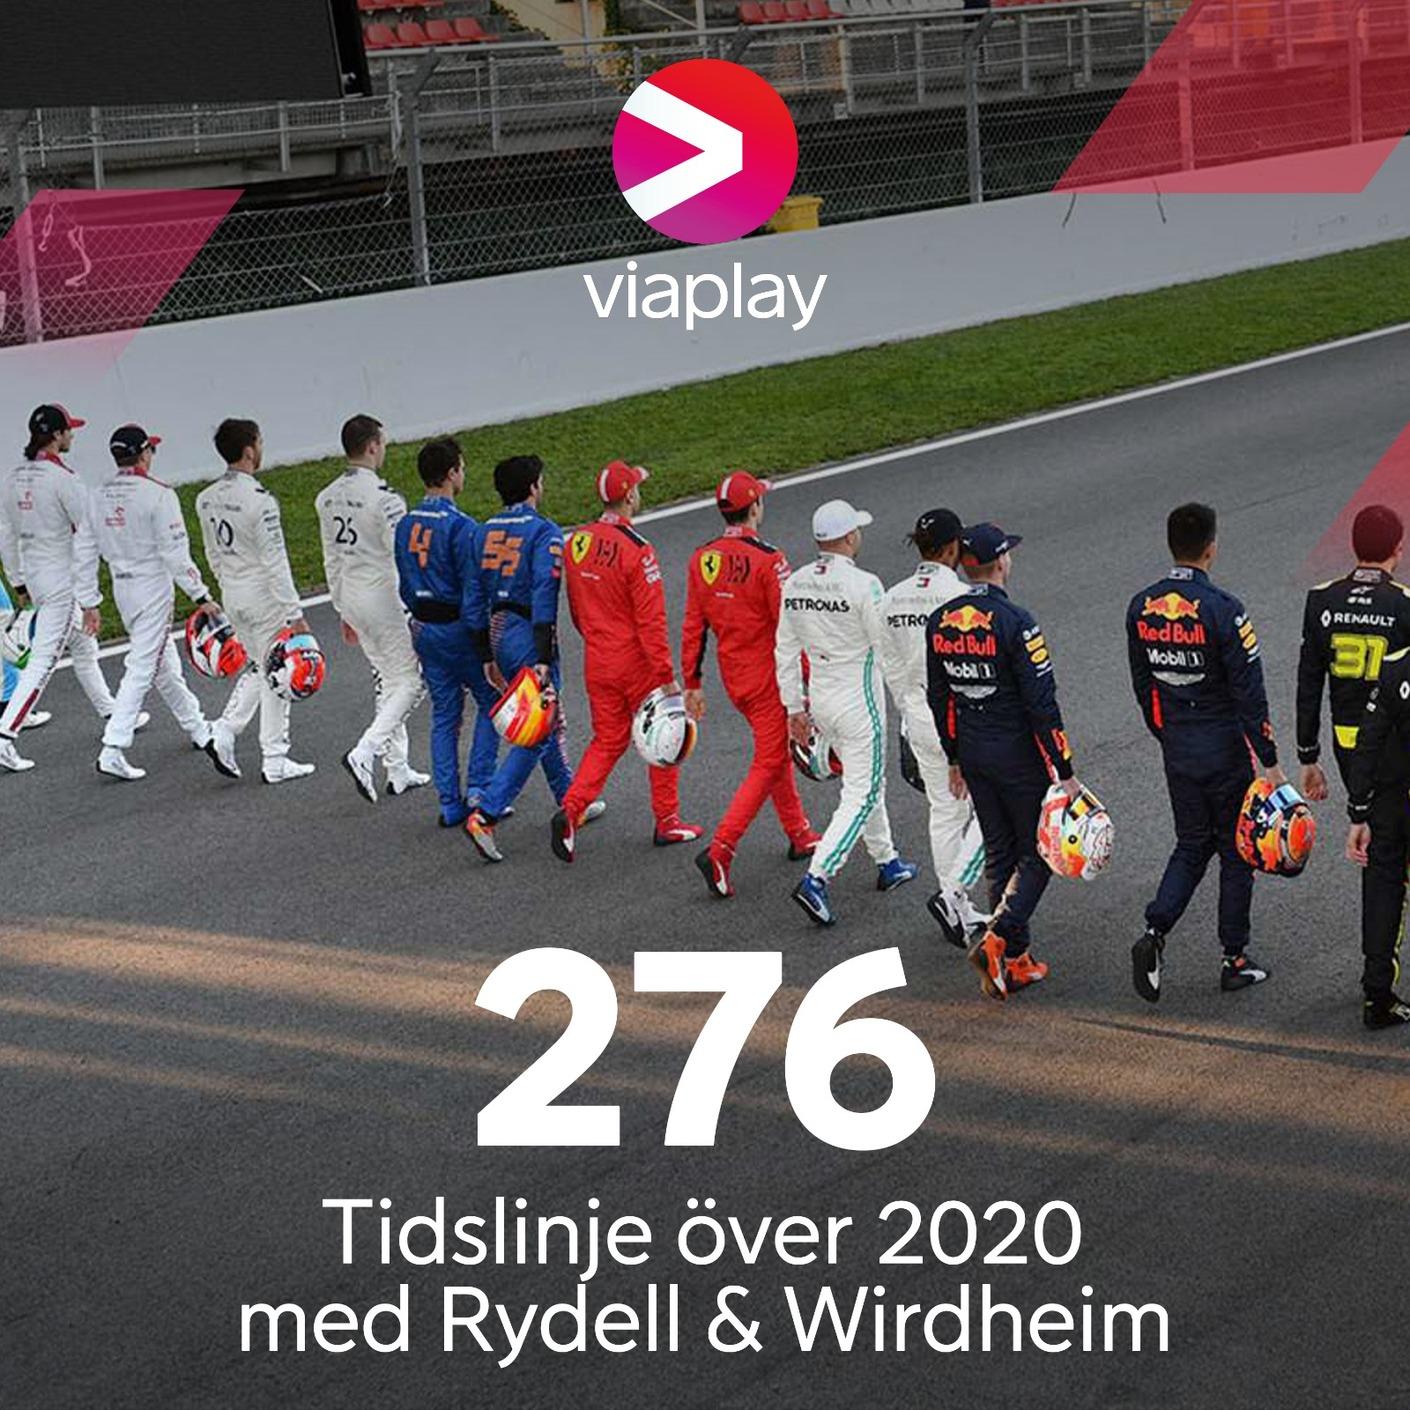 276. Tidslinje över 2020 med Rydell & Wirdheim